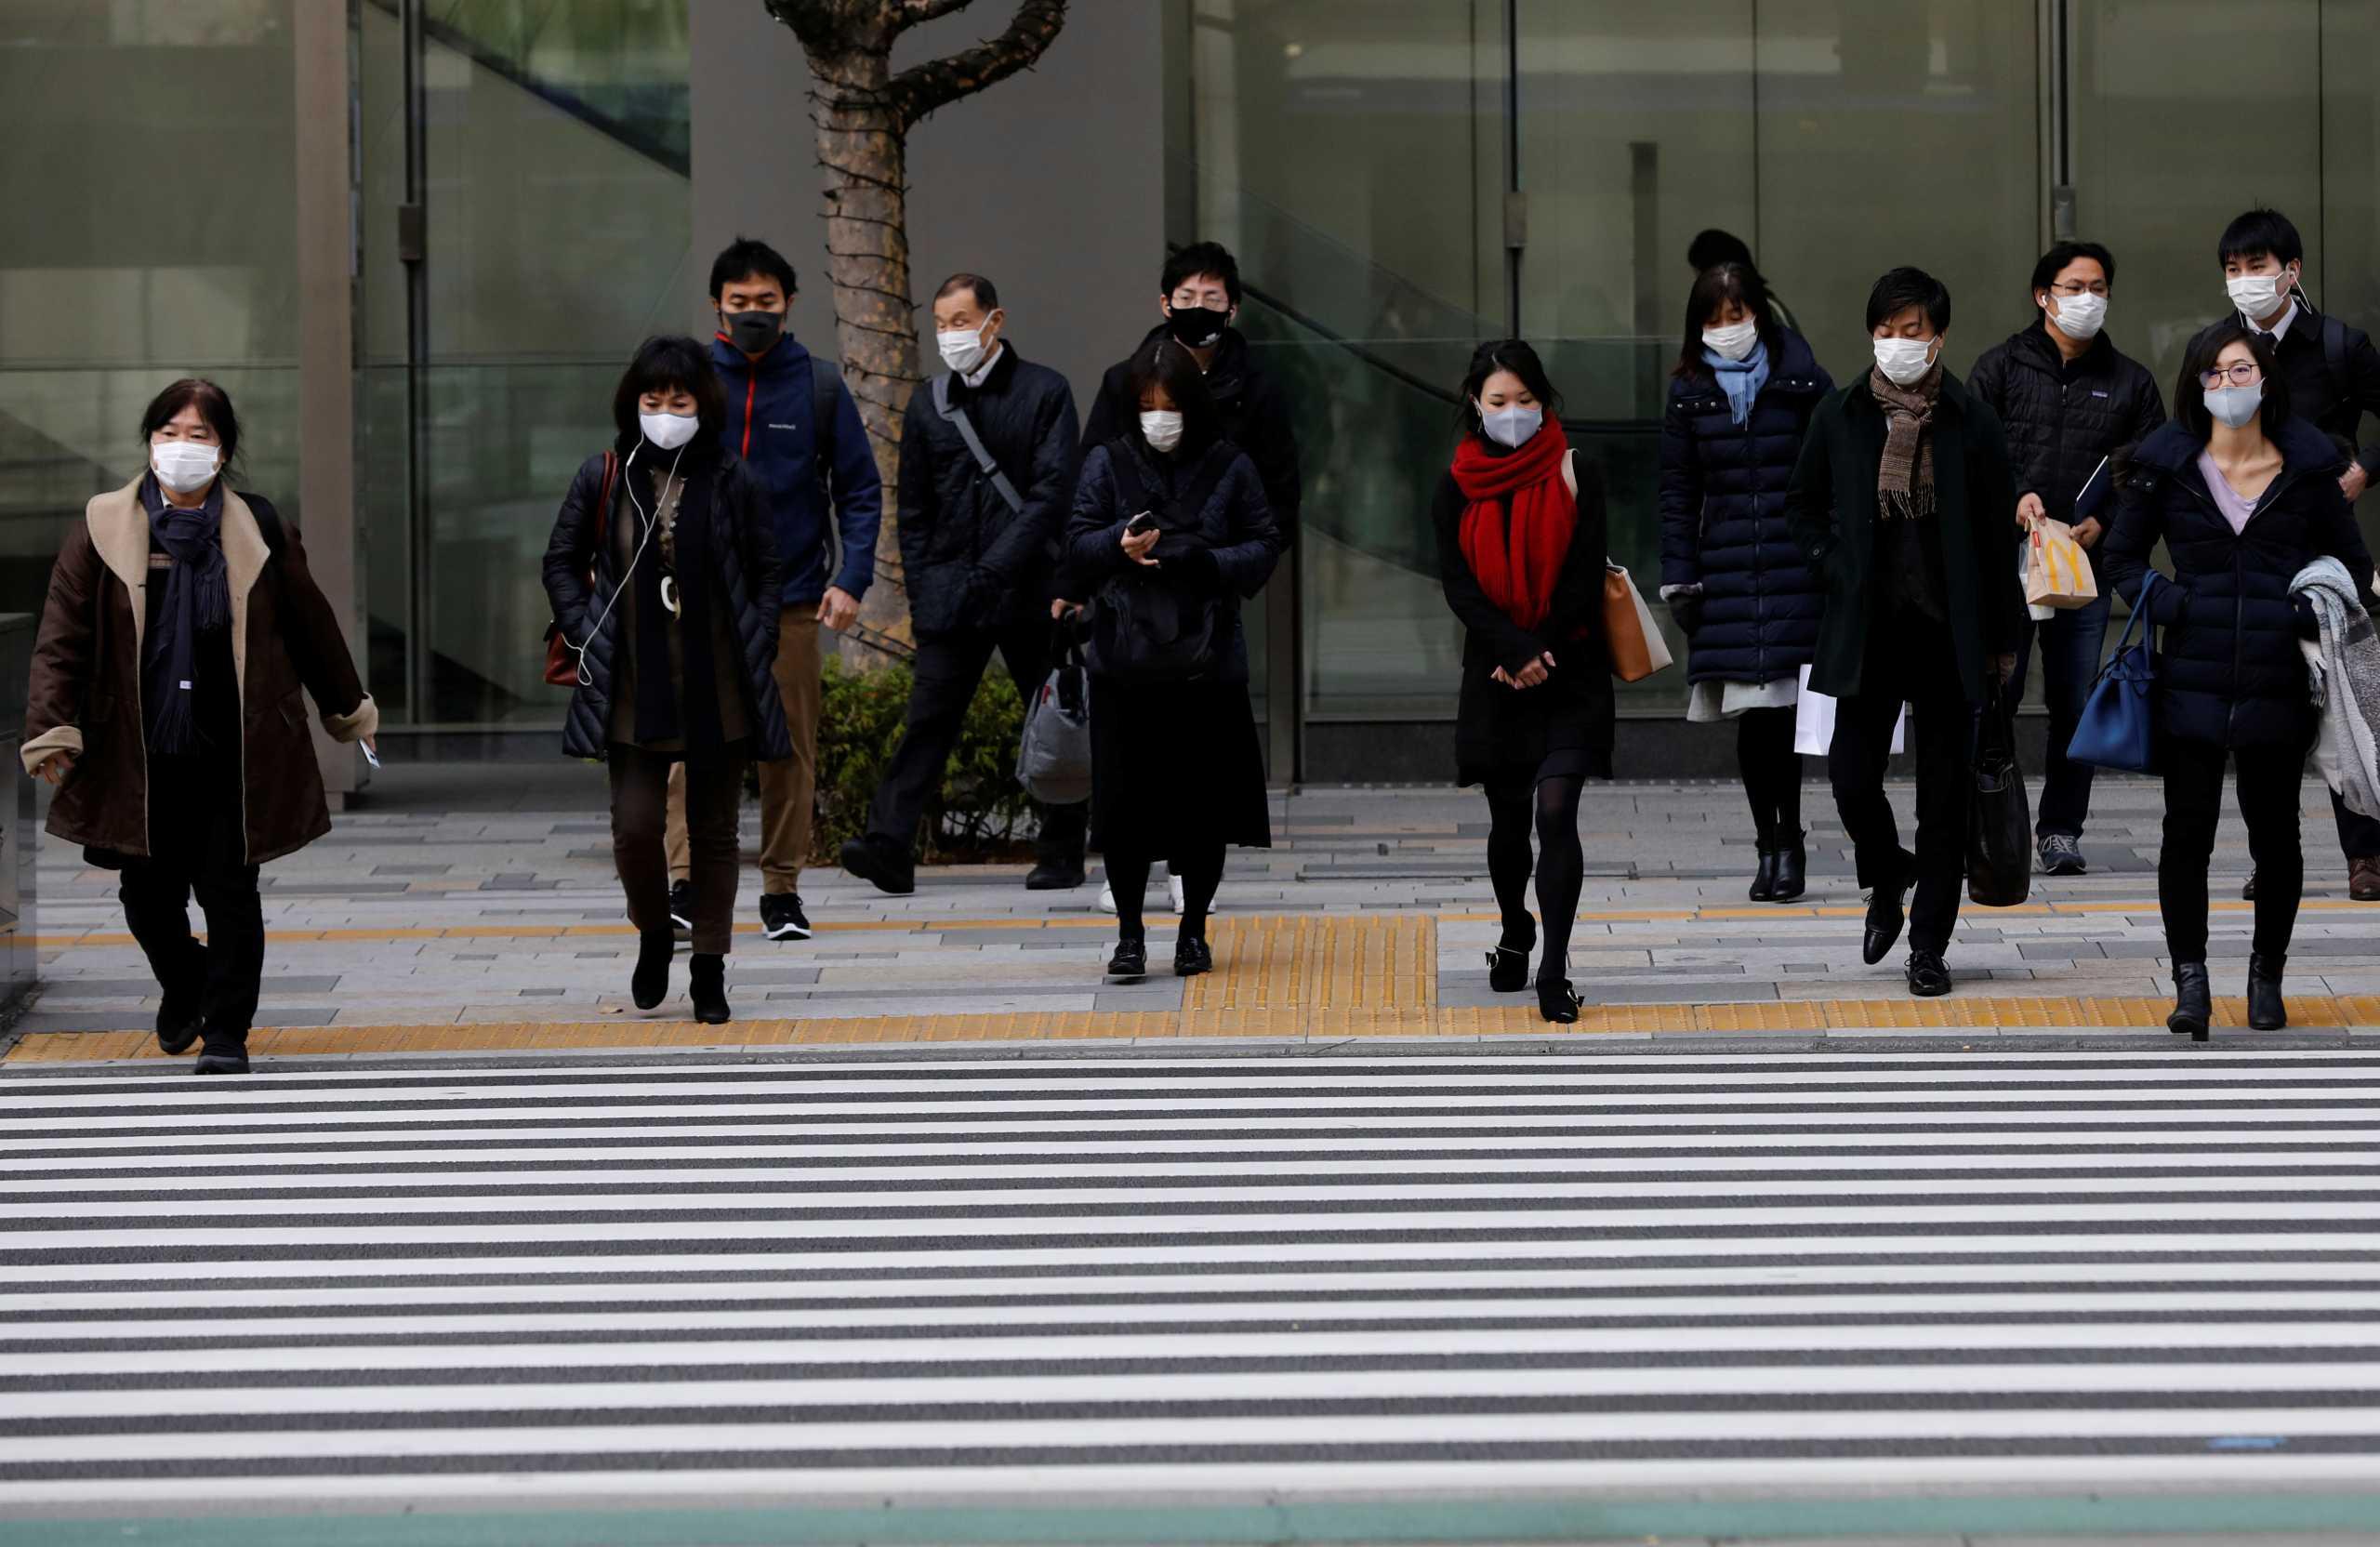 Κορονοϊός – Ιαπωνία: Το Τόκιο ένα βήμα πριν την κήρυξη κατάστασης έκτακτης ανάγκης